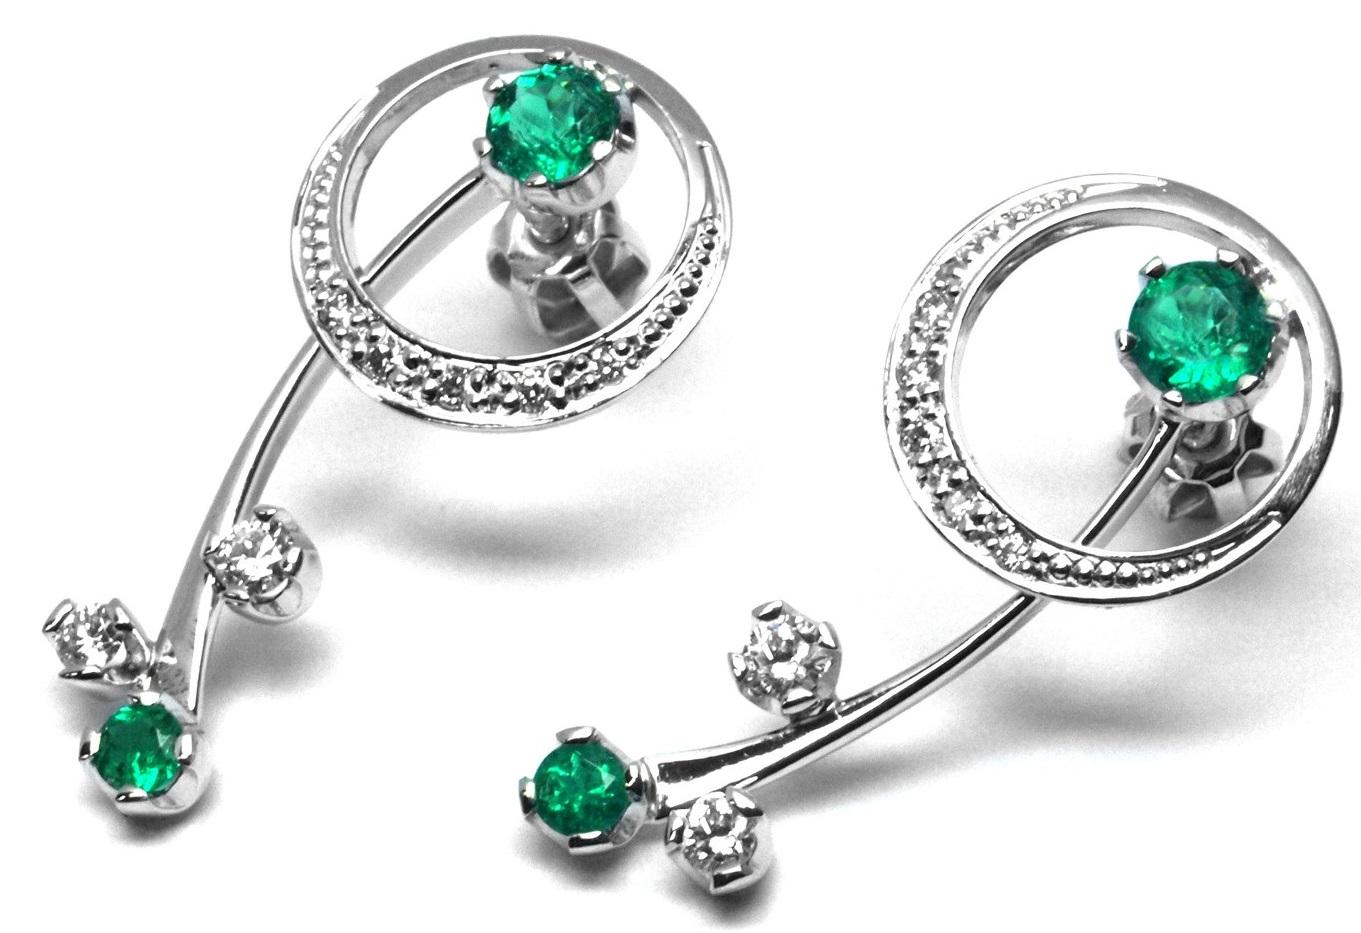 Ručně vyrobené náušnice se smaragdy a diamanty z bílého zlata J-29528-17